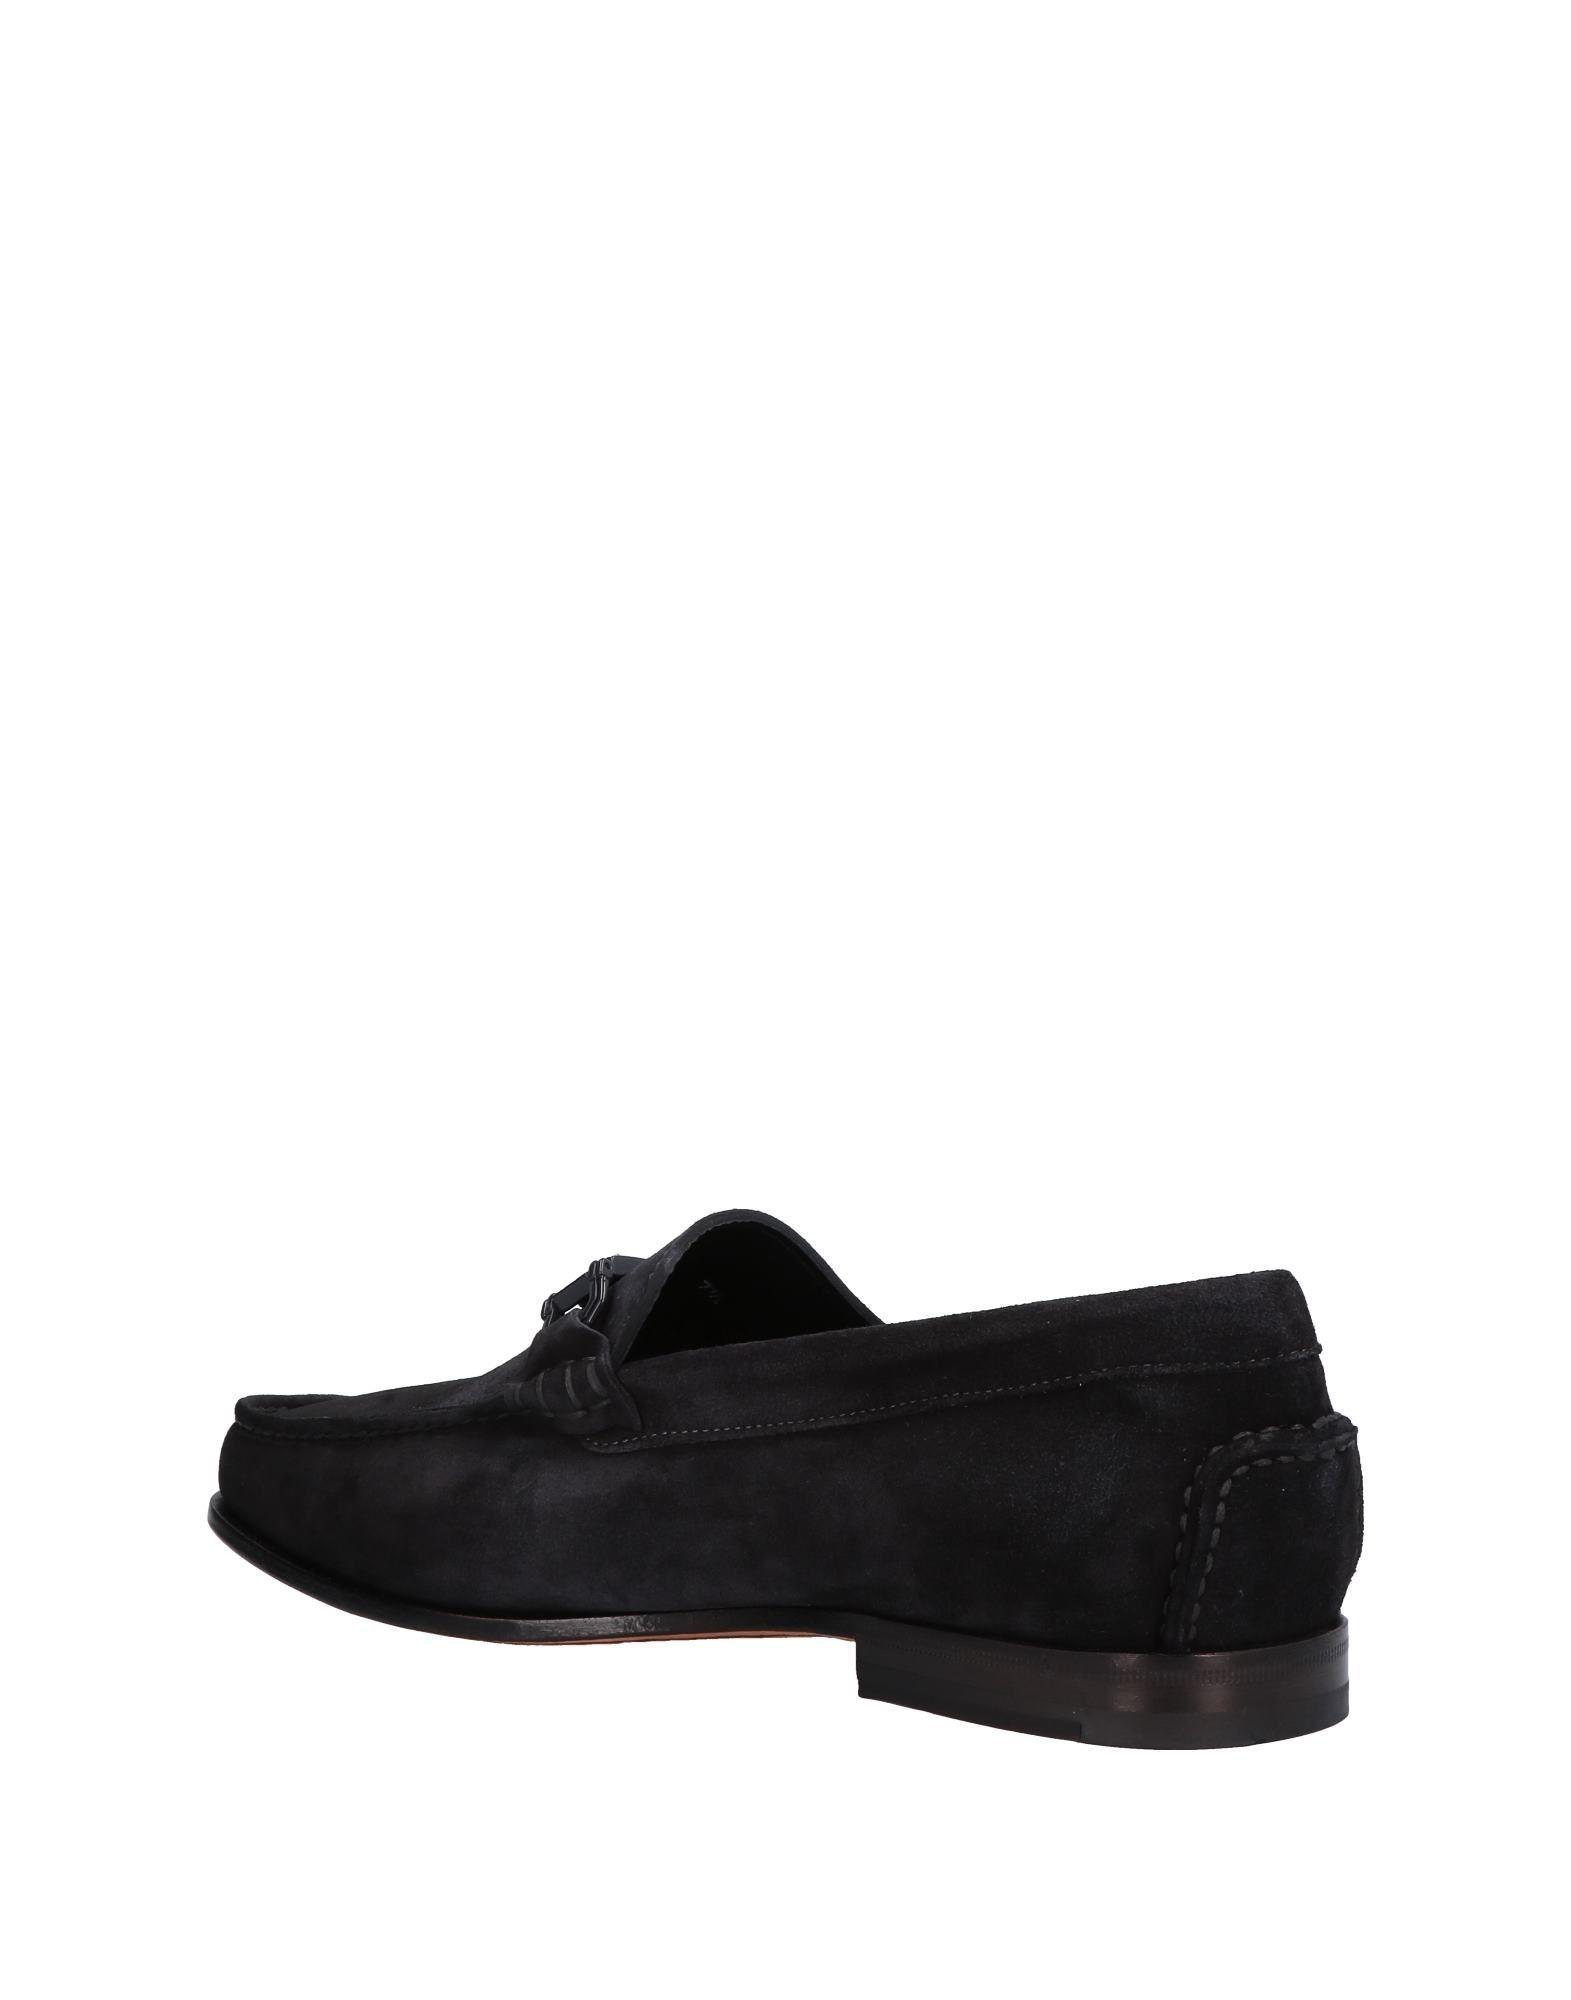 Santoni Mokassins Herren Qualität  11478871SM Gute Qualität Herren beliebte Schuhe f34dcb